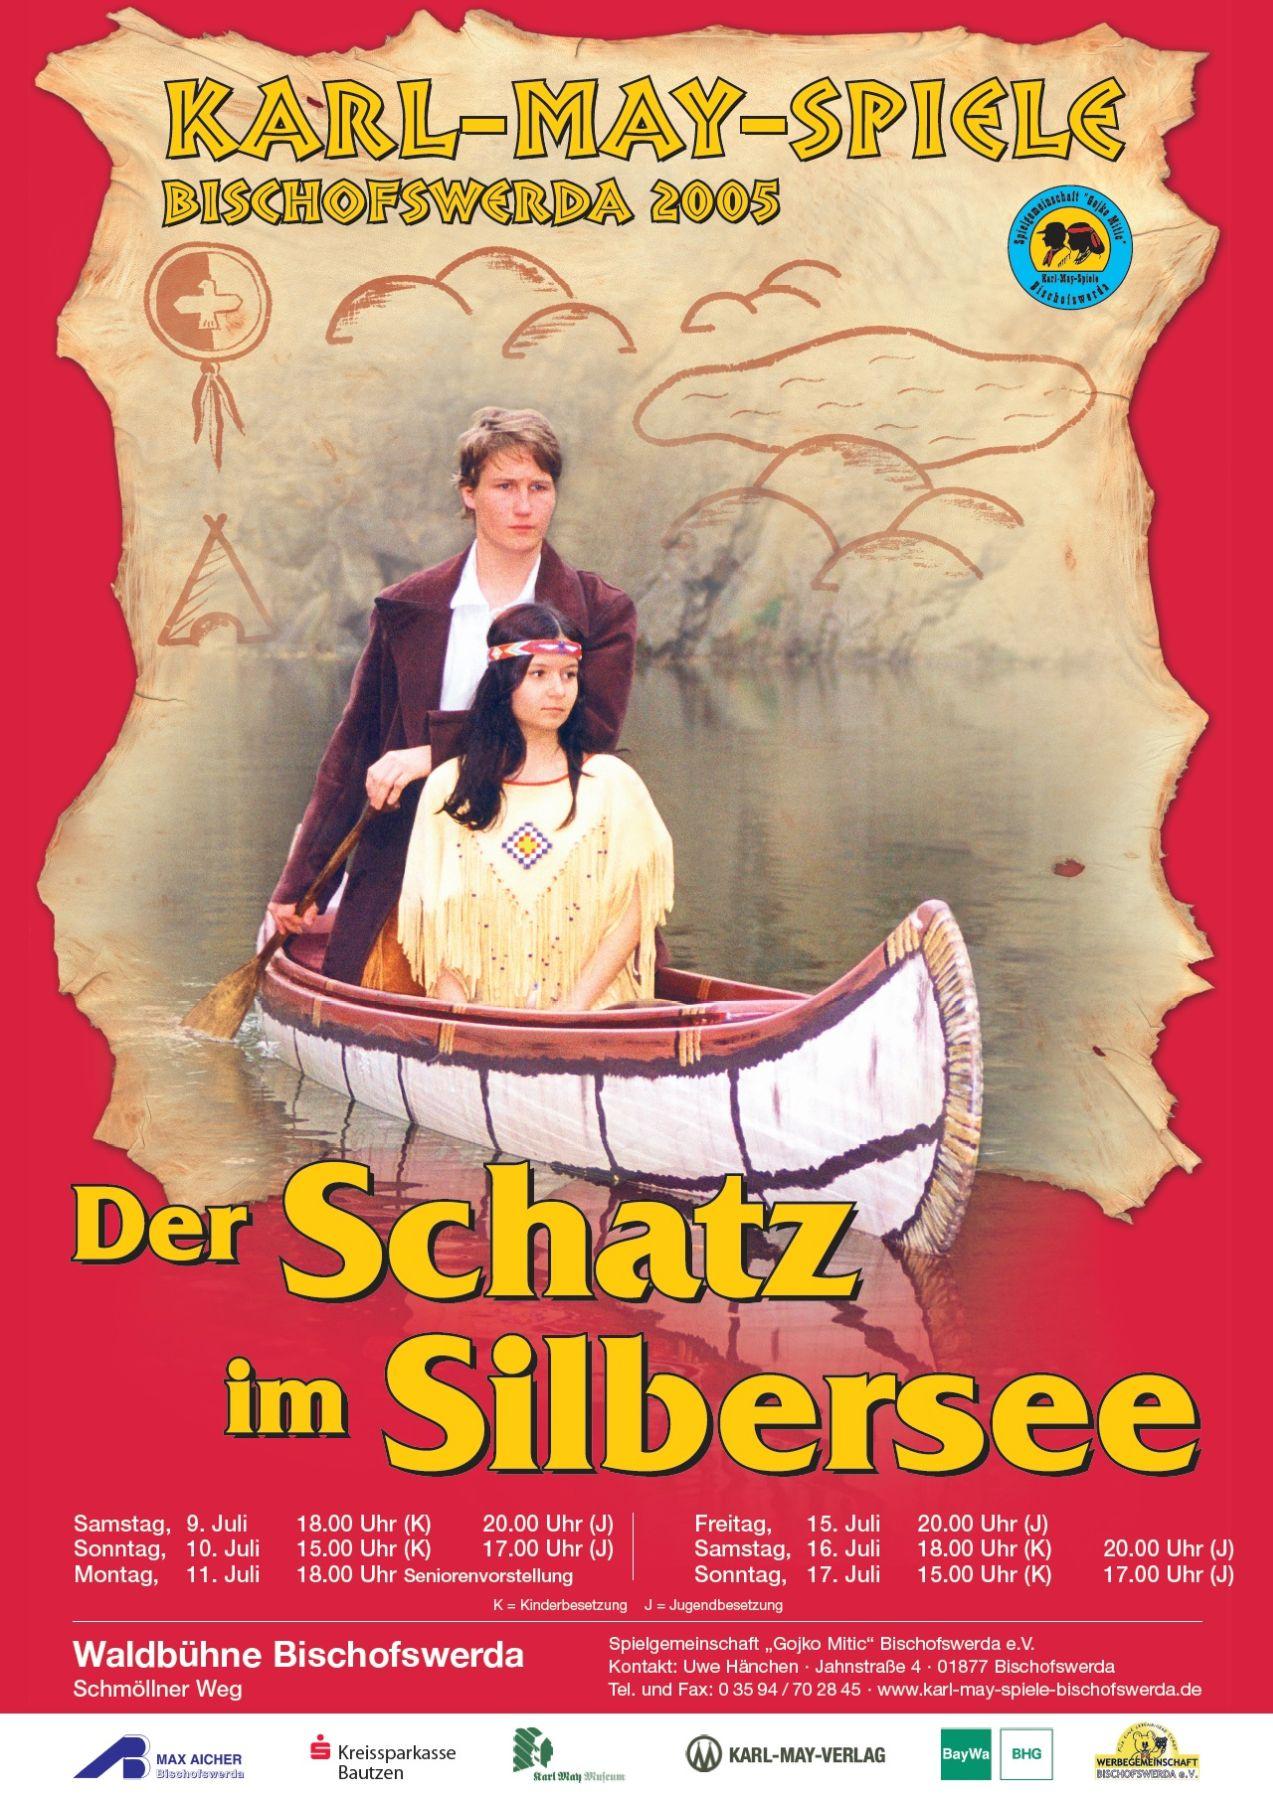 Saison 2005 karl may spiele bischofswerda for Der schatz im silbersee